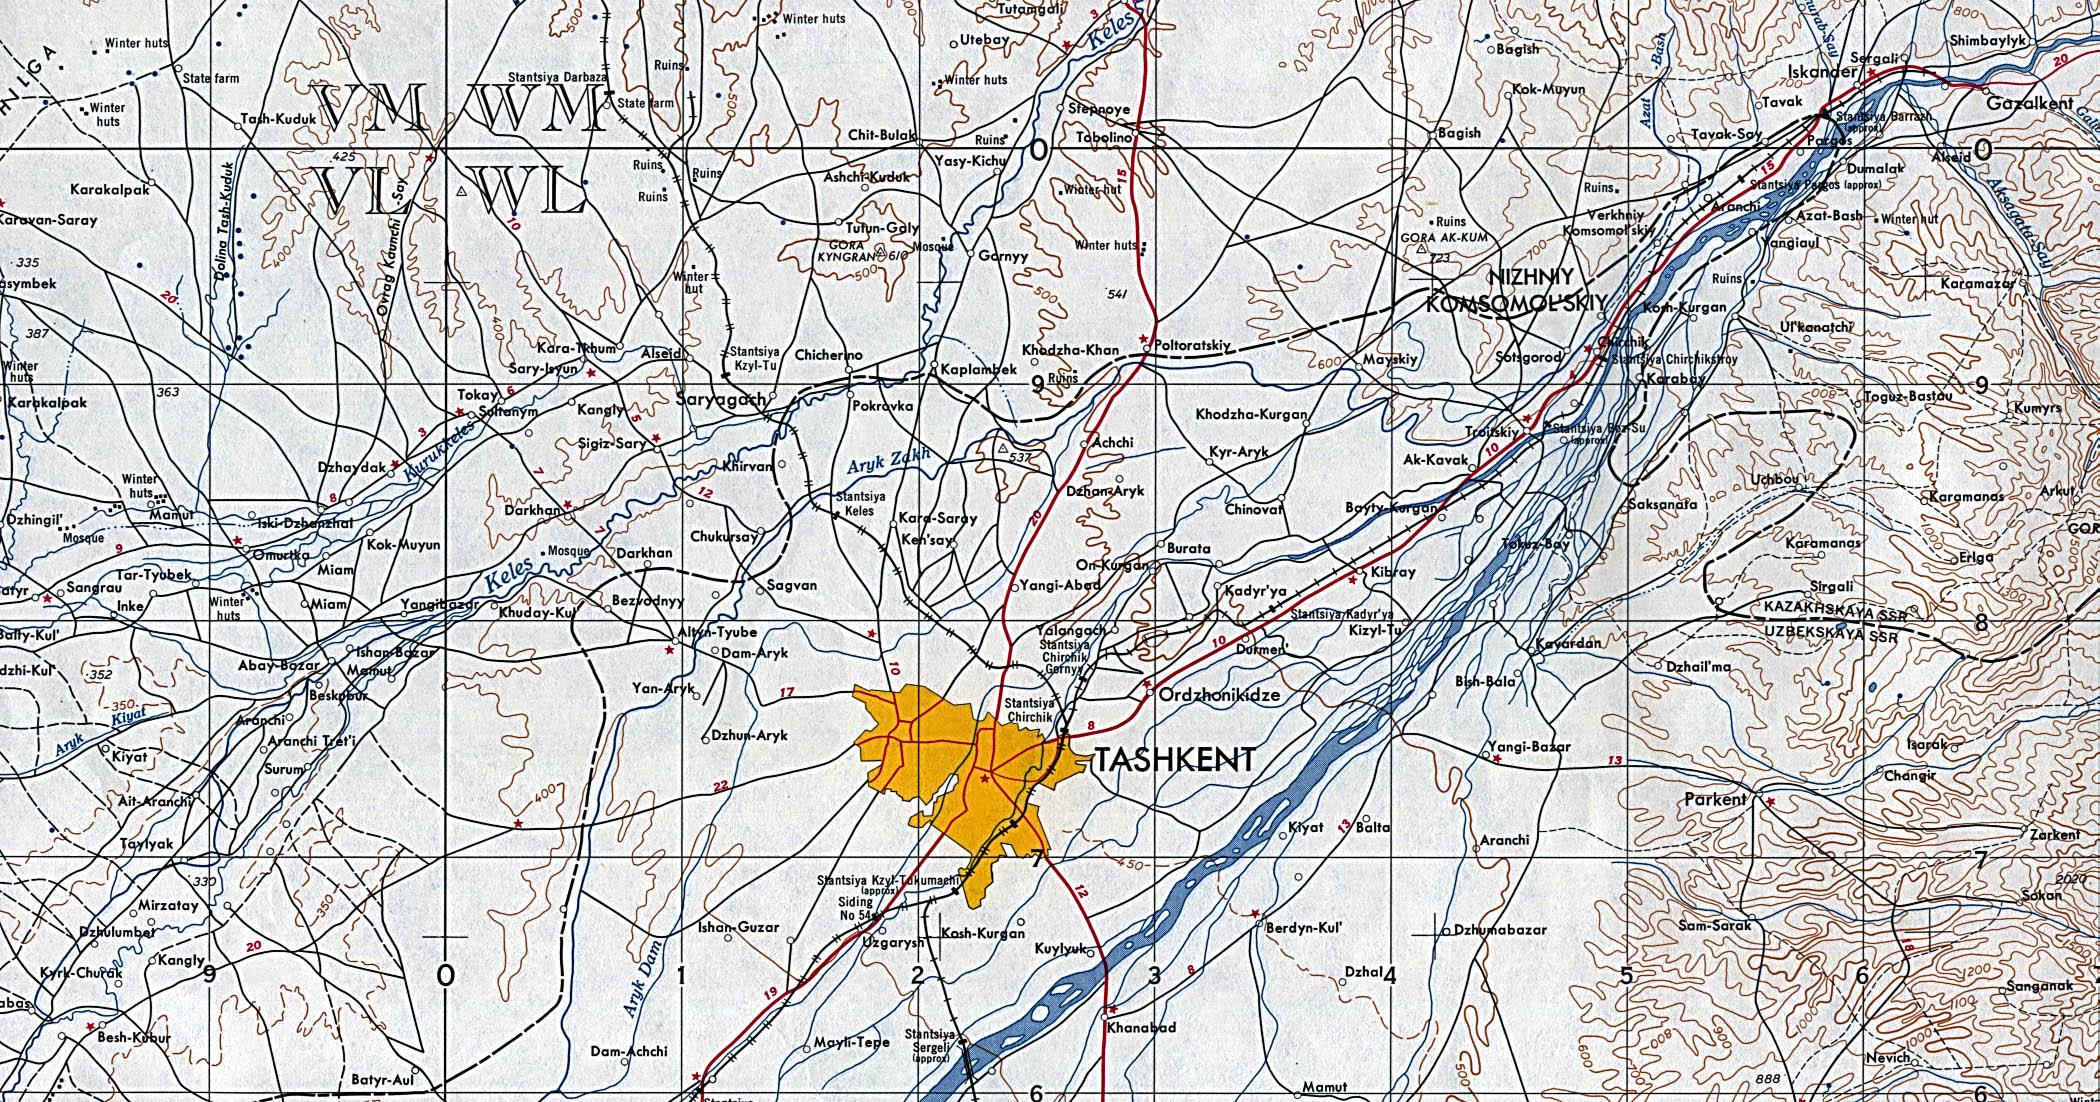 Mapa Topográfico de Taskent, Uzbekistán 1957